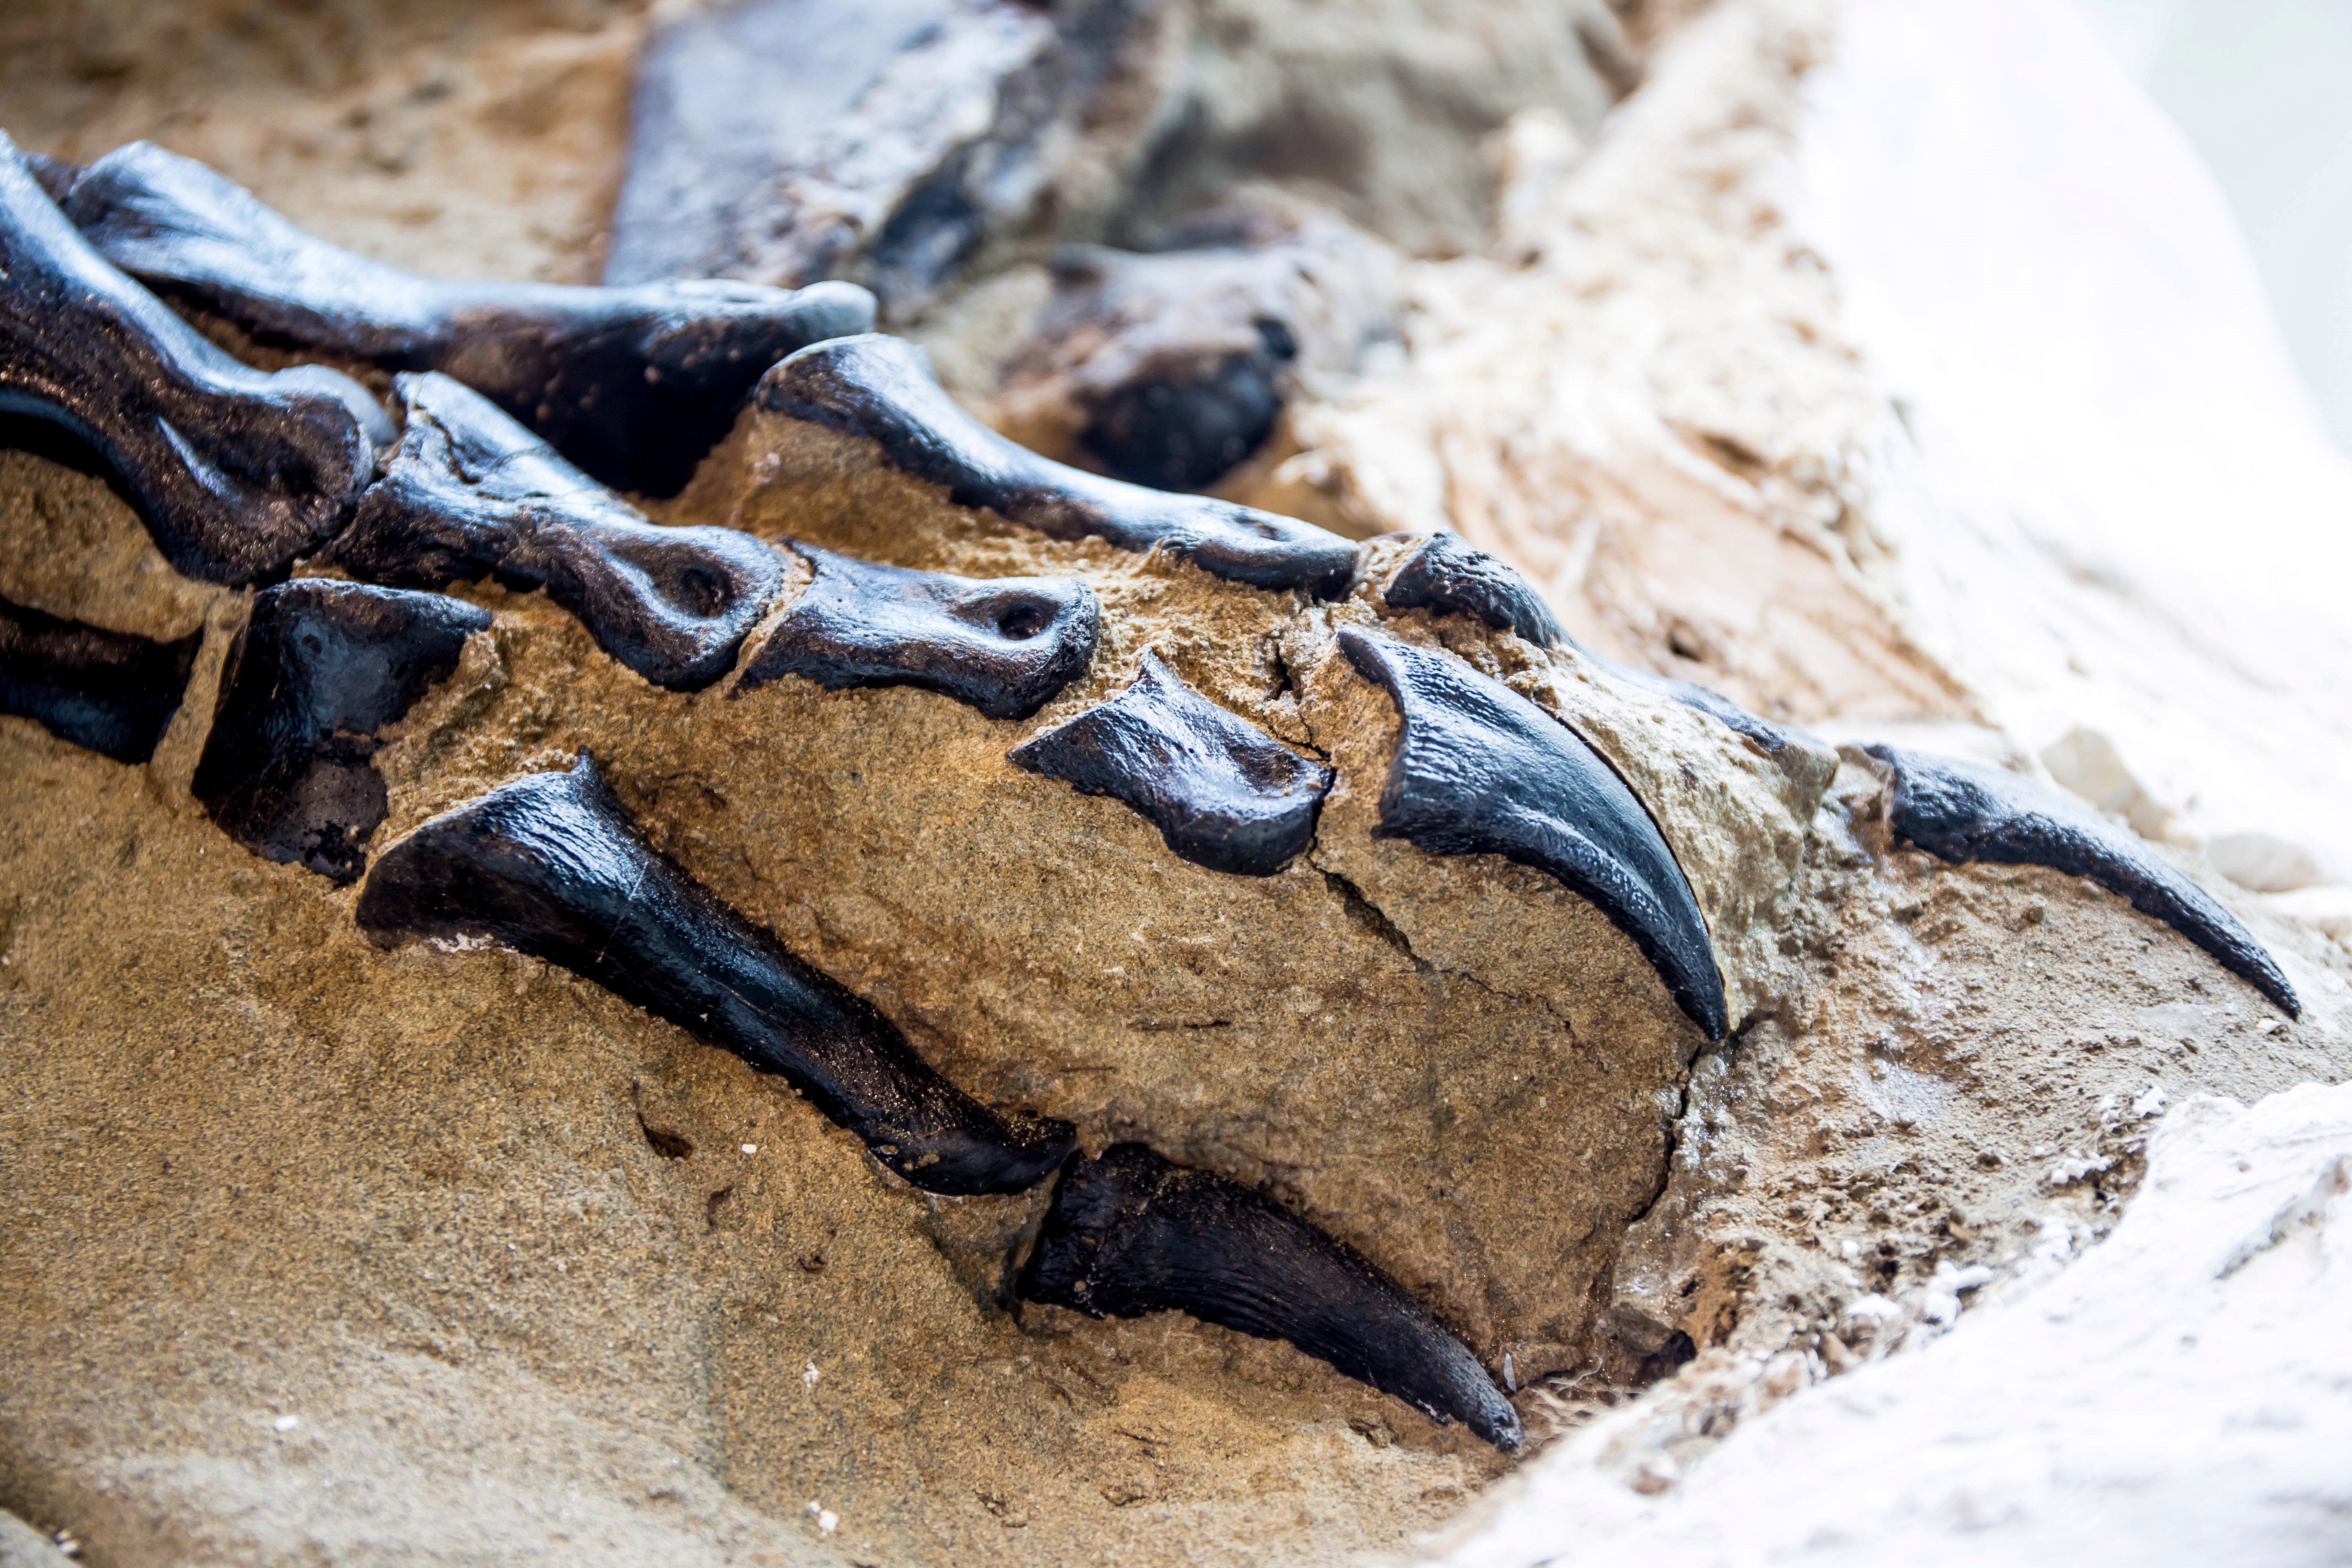 Первый полный скелет тираннозавра показали публике — ящер погиб в схватке с трицератопсом